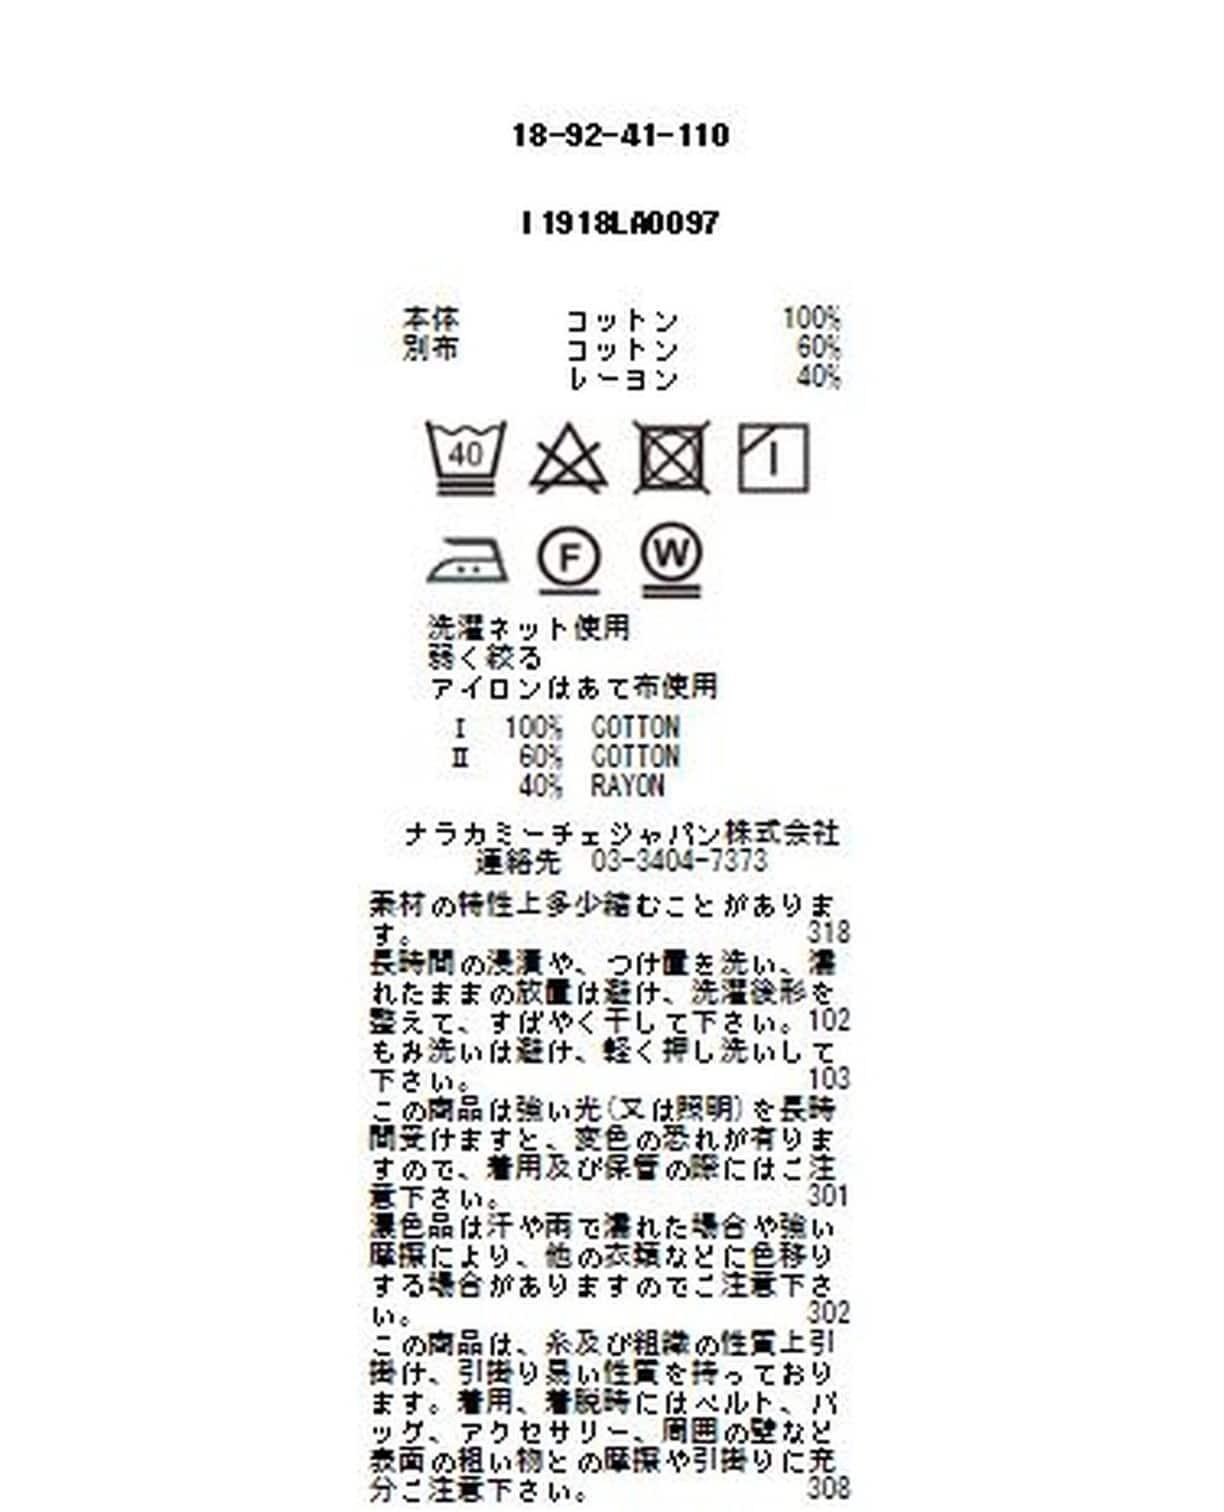 【MEN'S】ダブルカラーボタンダウン長袖シャツ